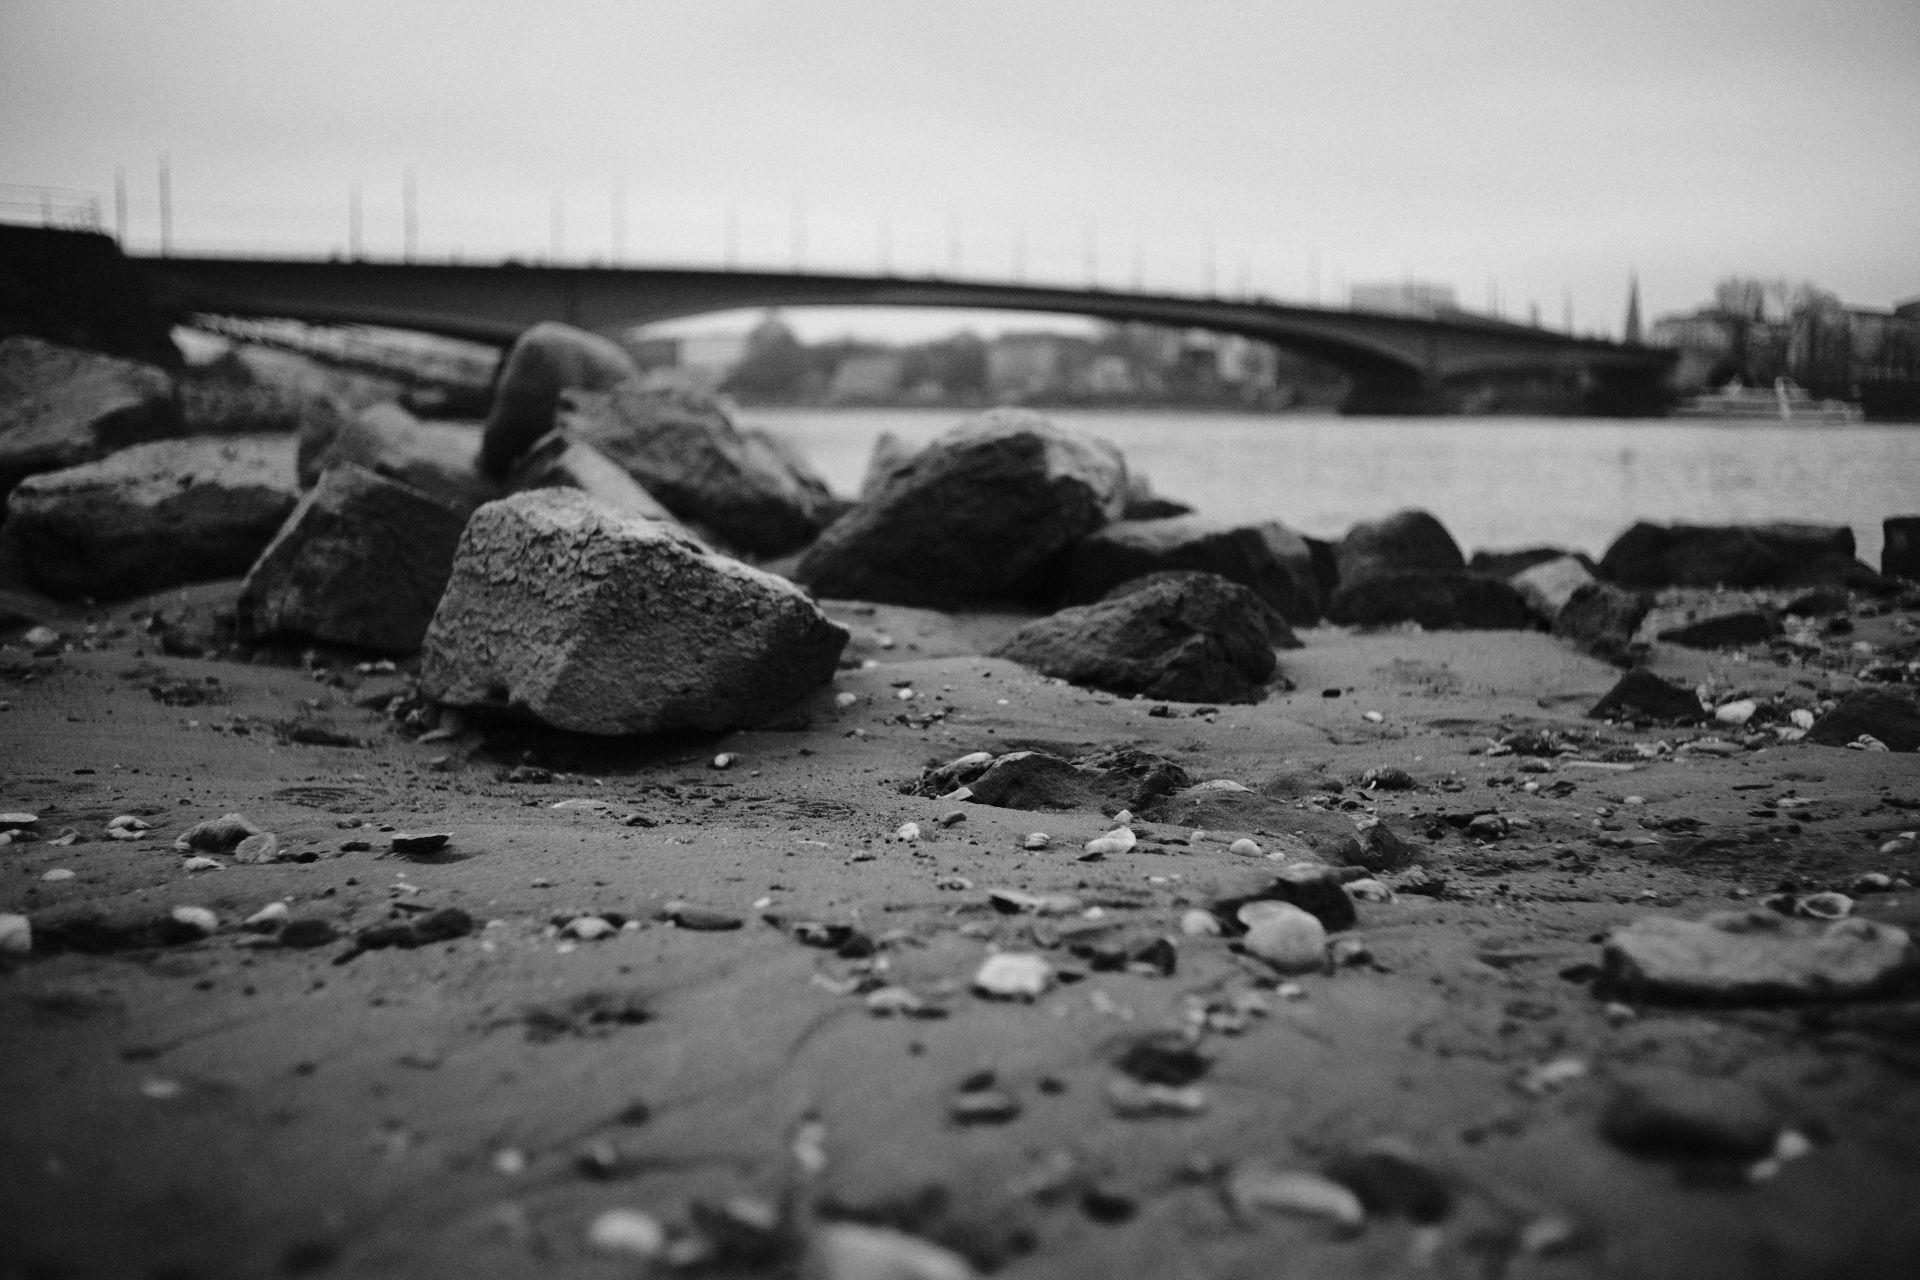 Kennedybrücke 1/17000sec ISO-3200 22mm